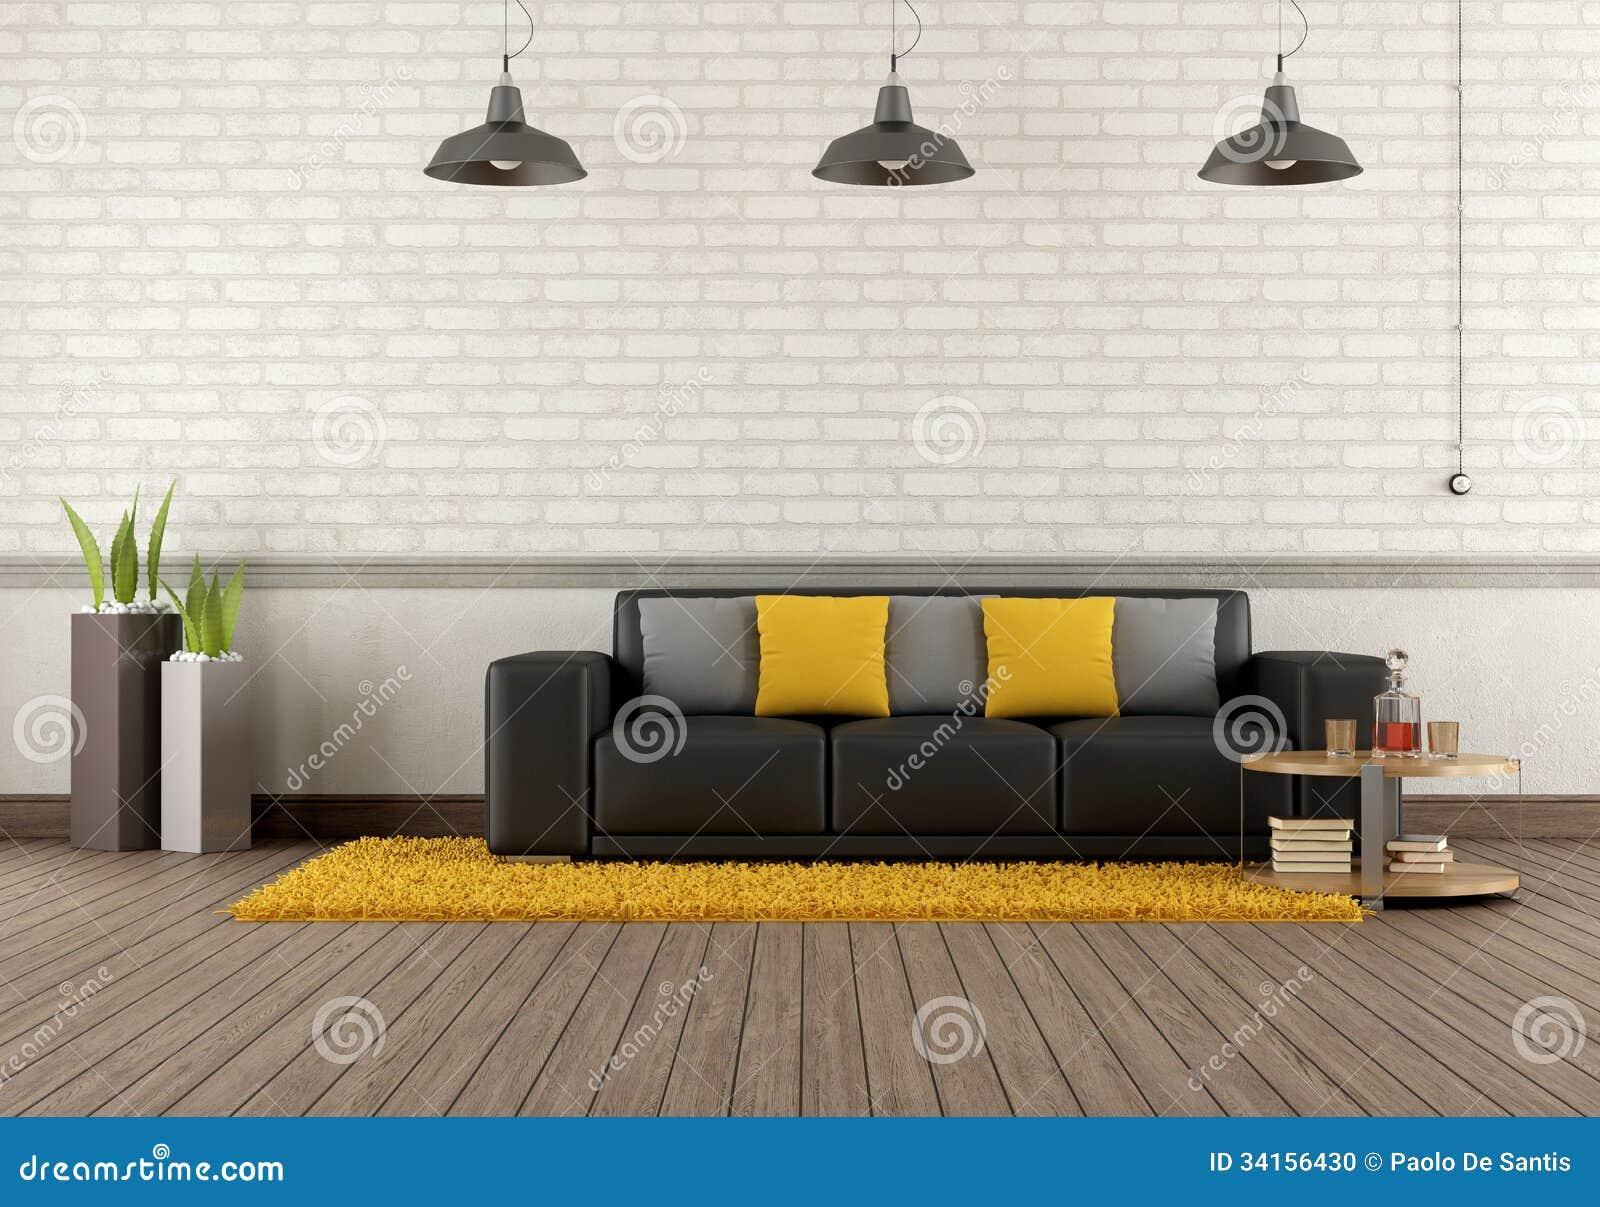 Marrom Para Sala De Estar ~ Sala De Estar Moderna Com Sofá Marrom Foto de Stock  Imagem